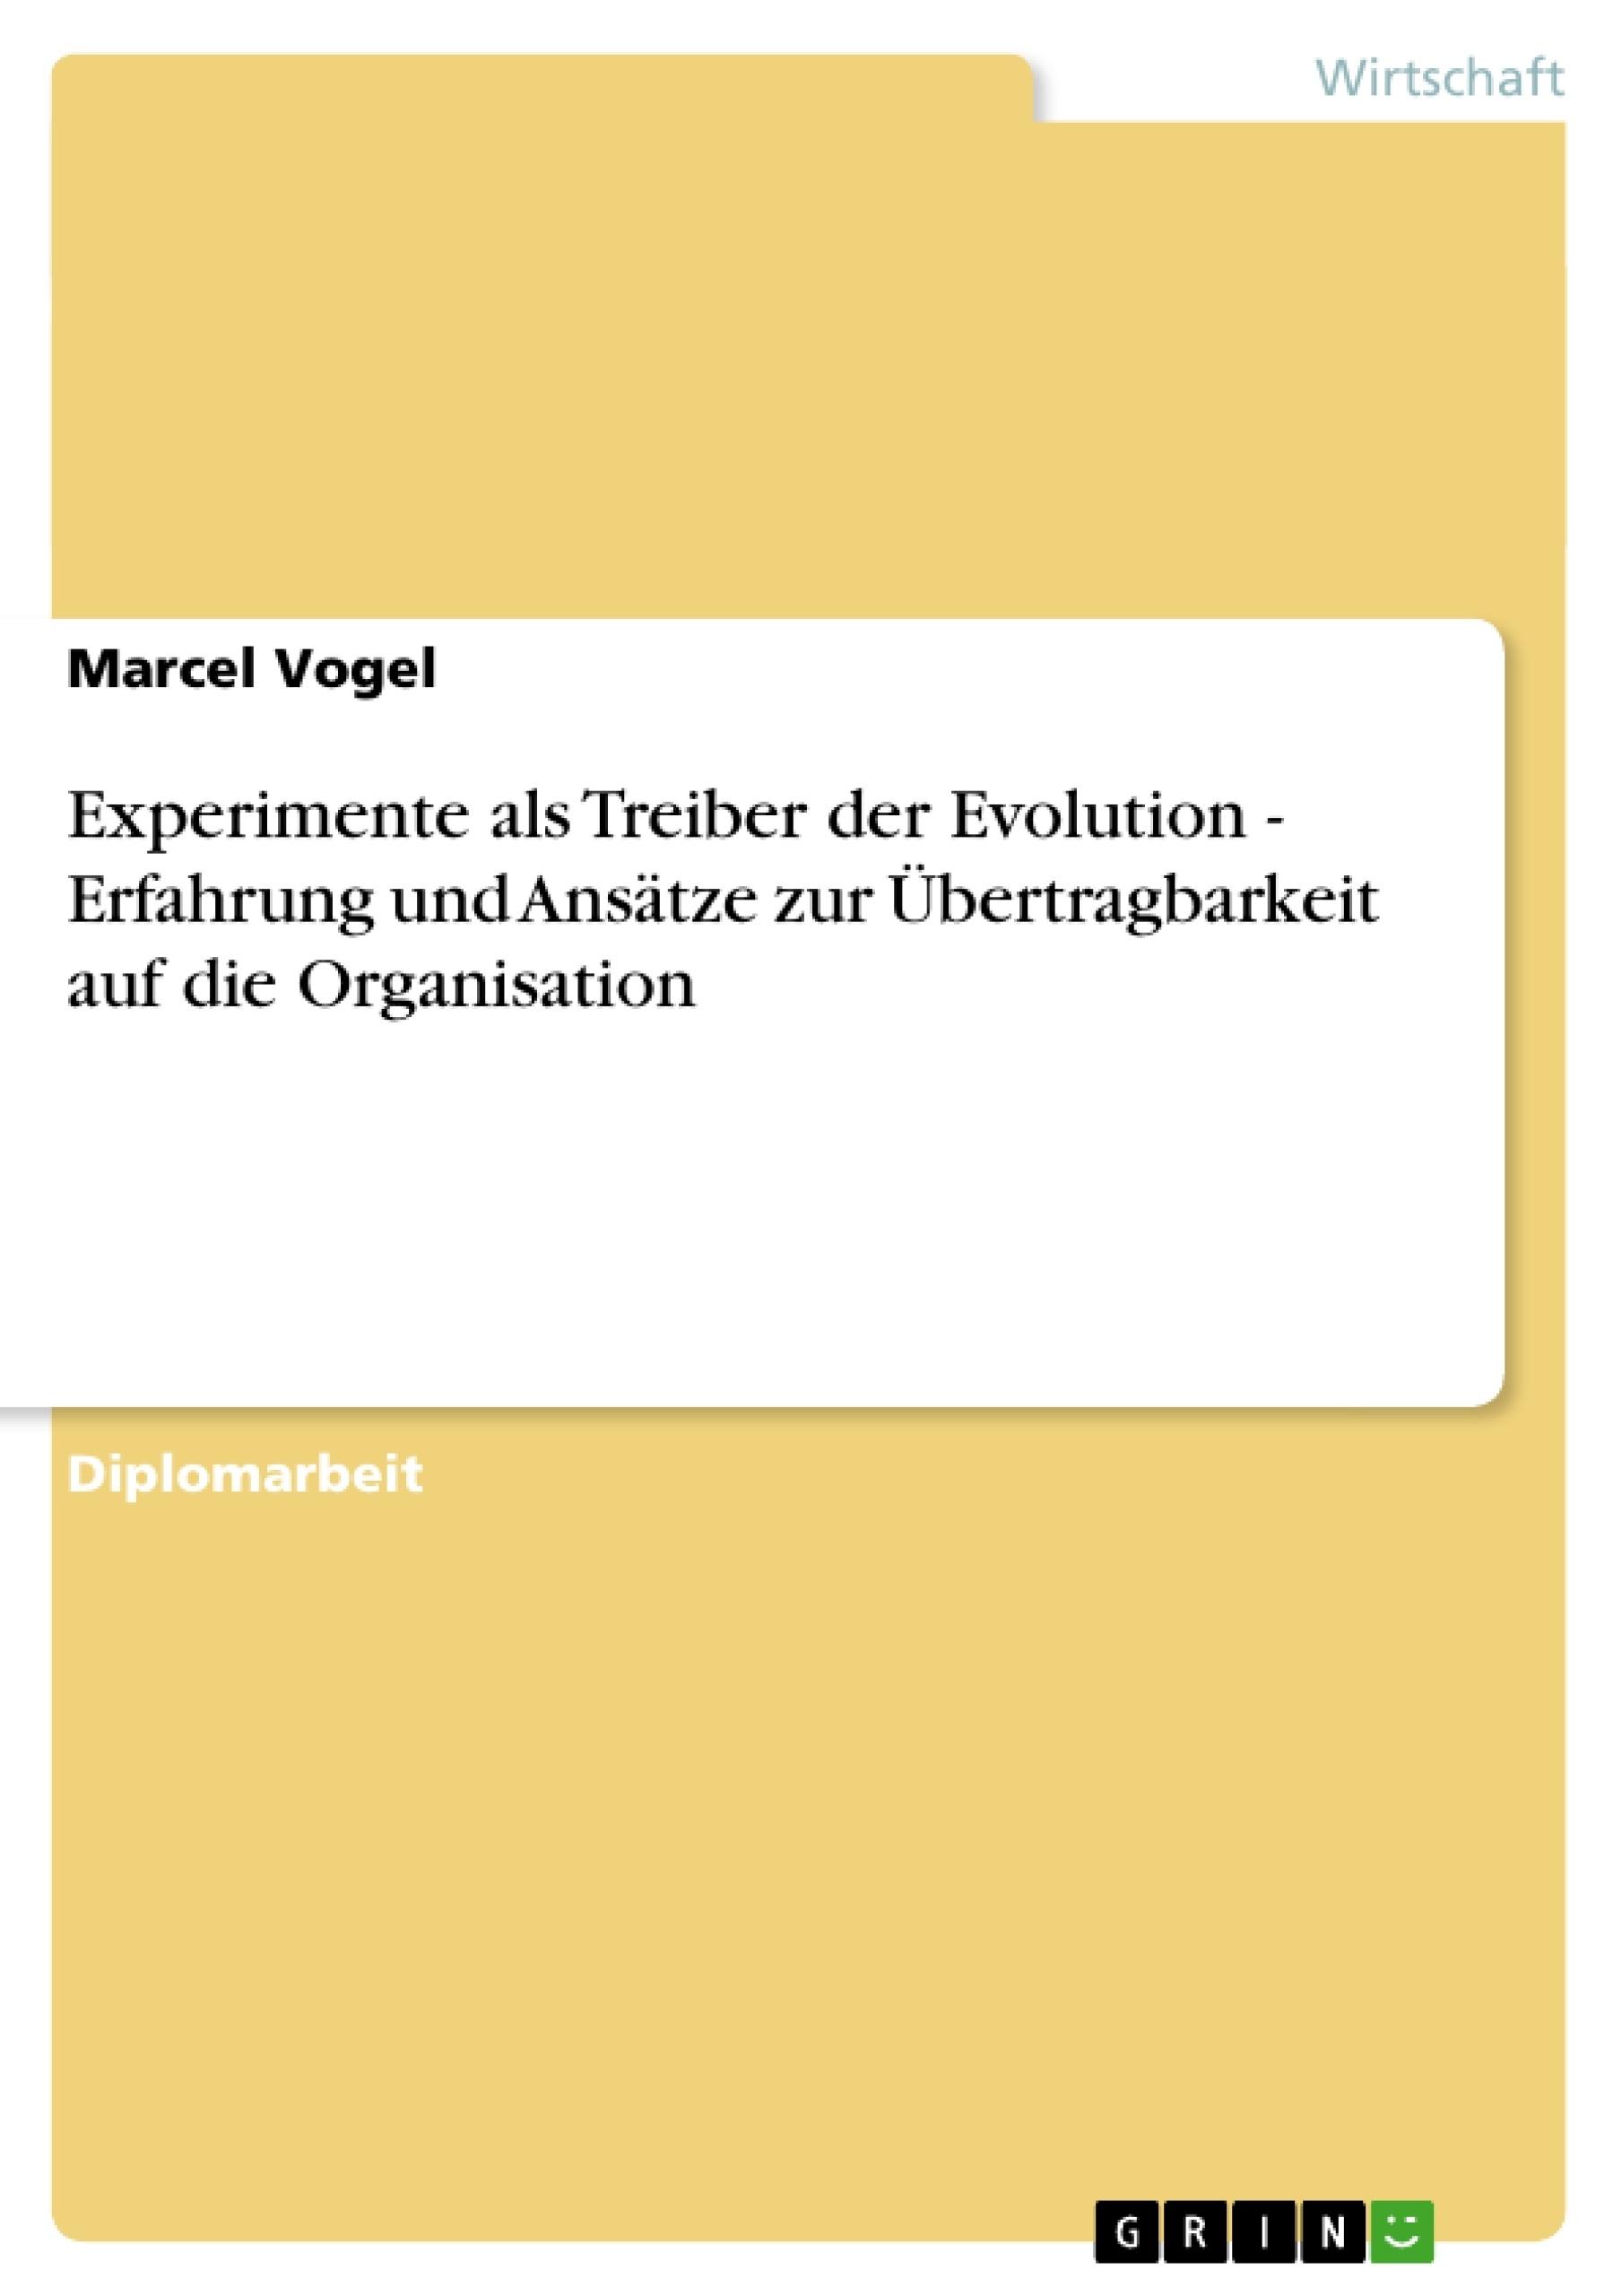 Titel: Experimente als Treiber der Evolution  -  Erfahrung und Ansätze zur Übertragbarkeit auf die Organisation